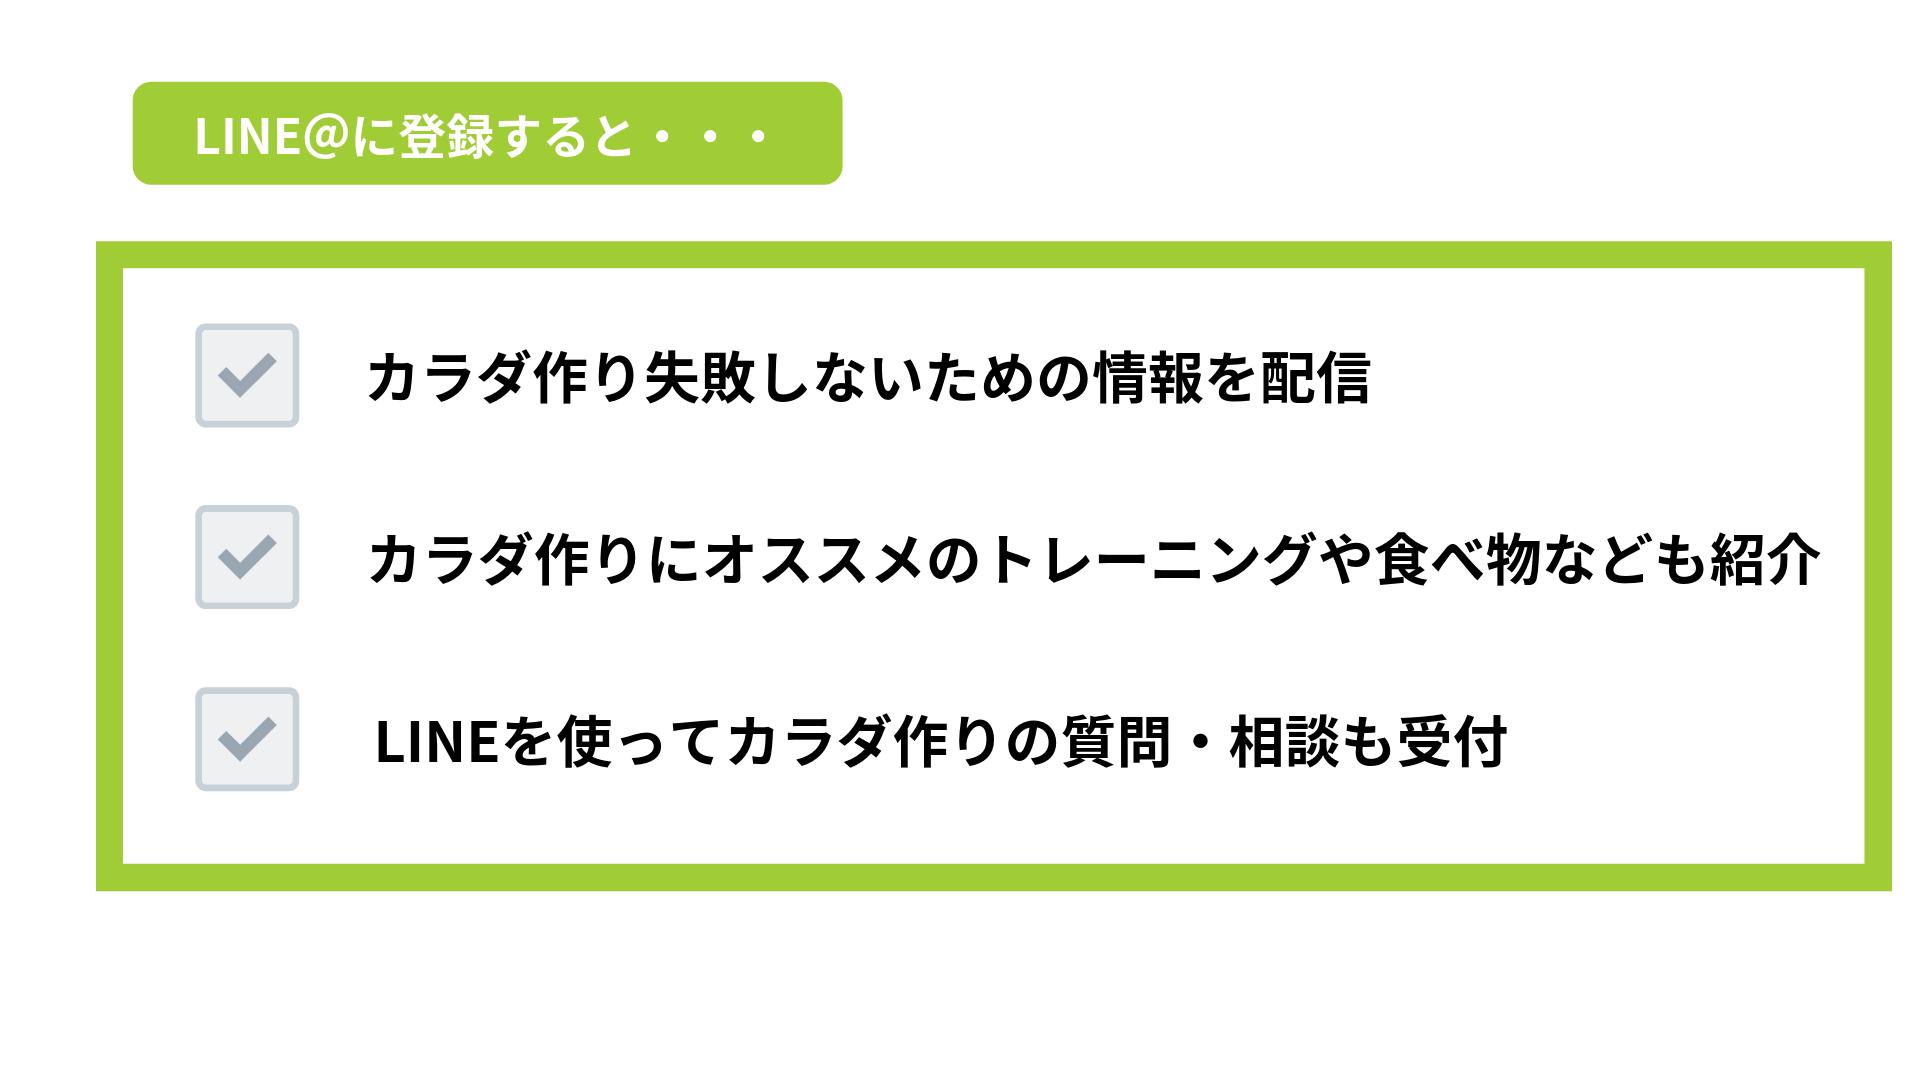 LPページ サービス紹介